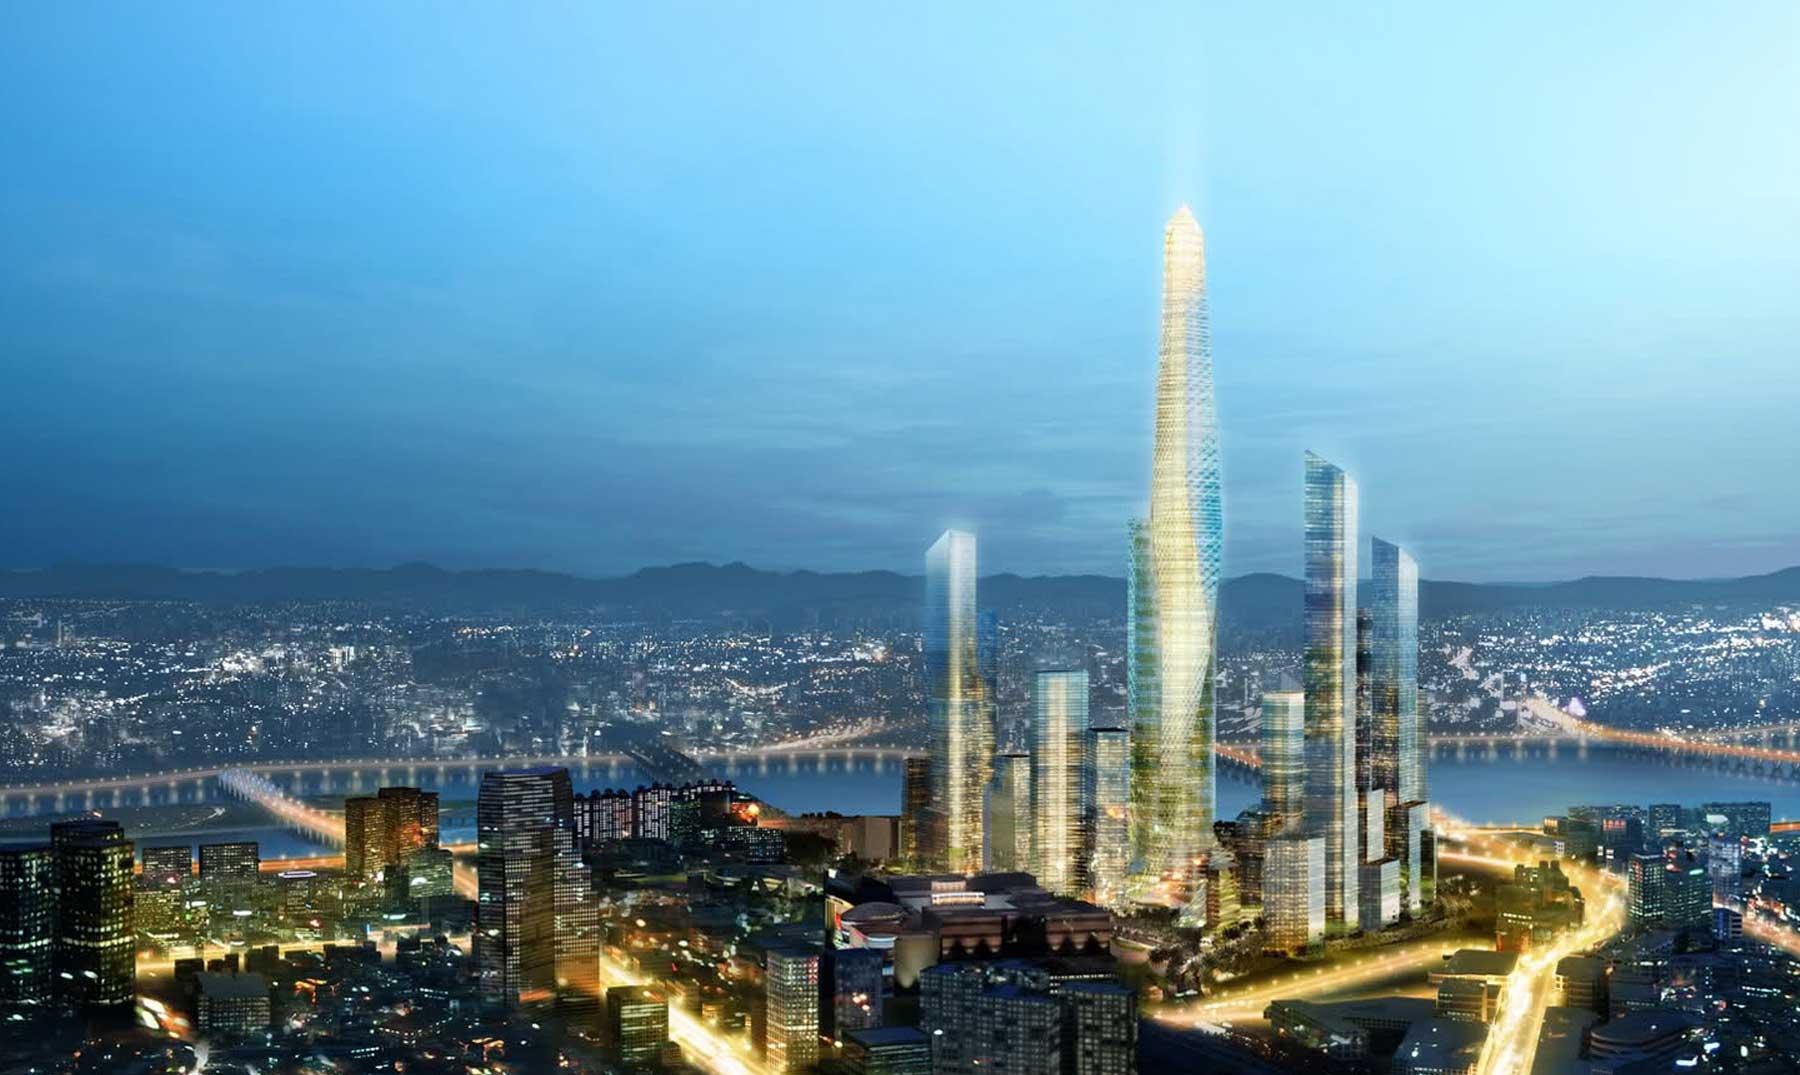 La gran torre invisible de Corea del Sur